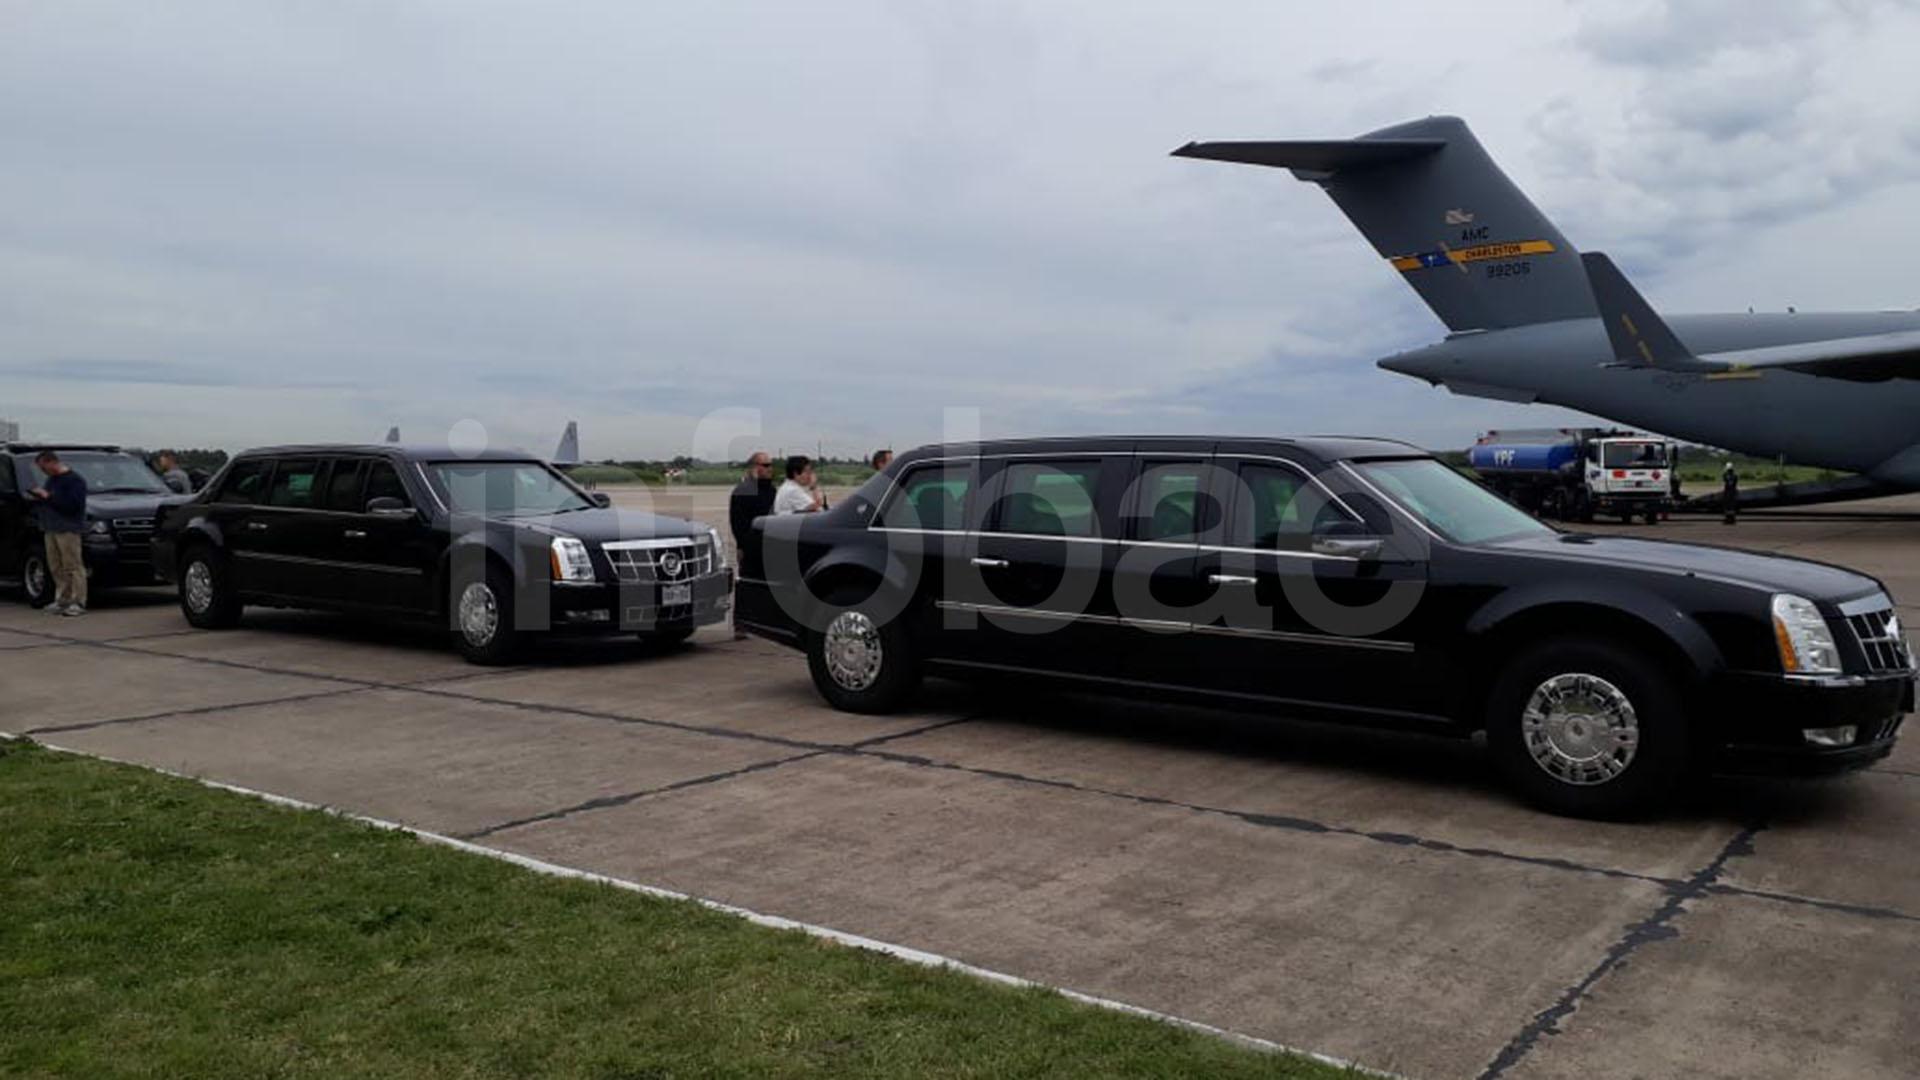 LosCadillacs que utiliza el presidente de EEUU para sus traslados por tierra (Foto: Infobae)